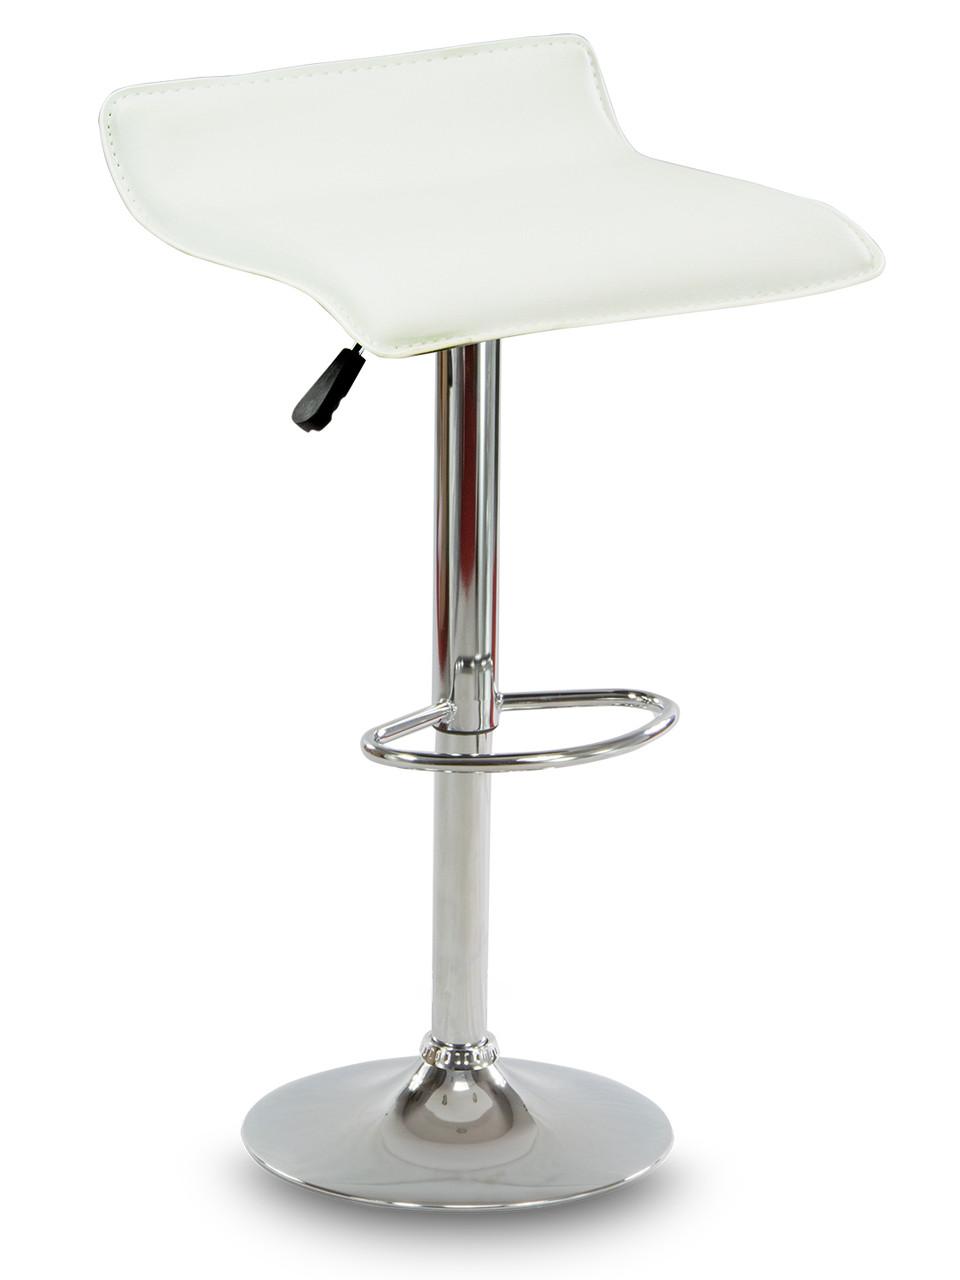 Барний стілець Hoker VIA з регулюванням висоти і підніжкою Білий